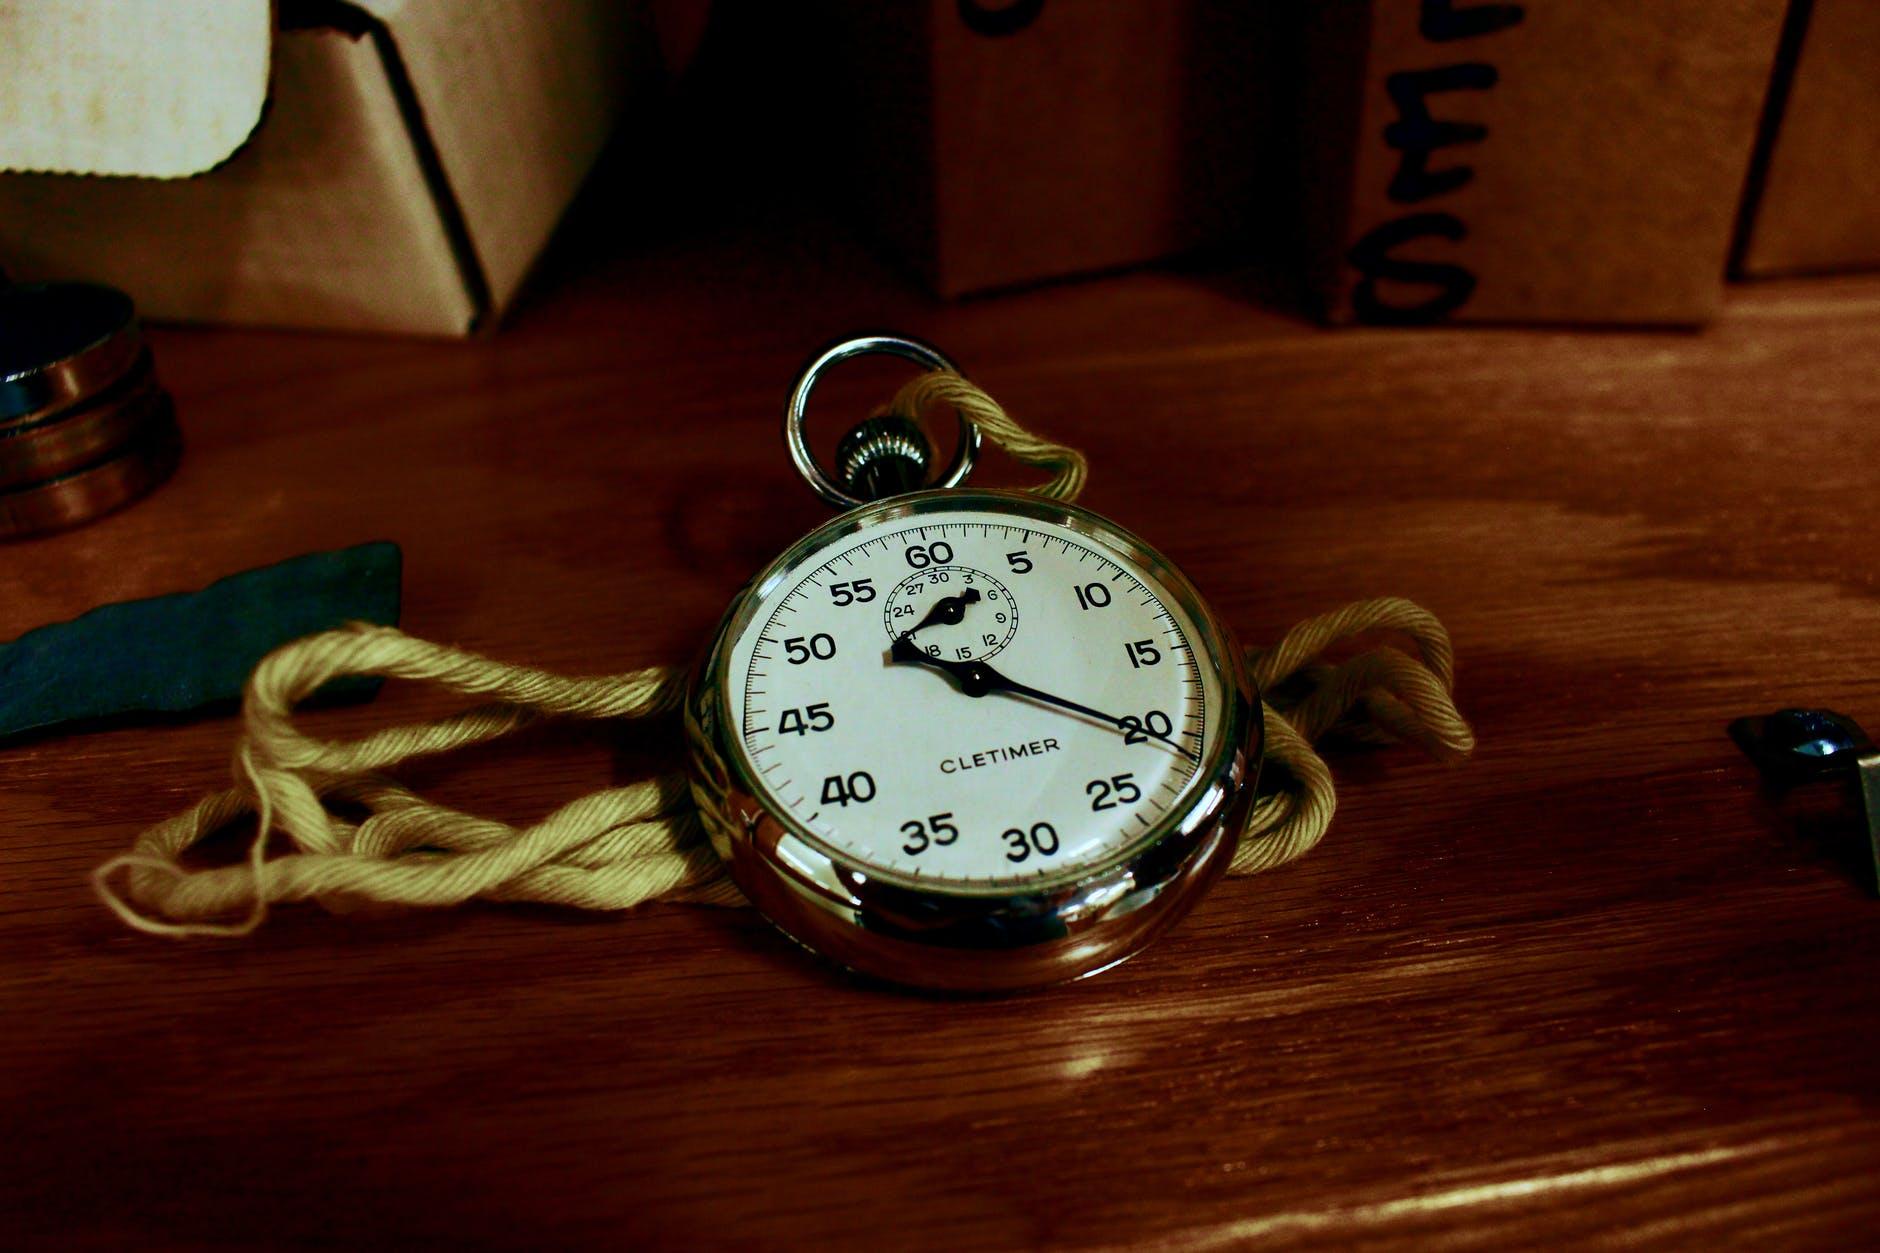 arloji dan serbuk kayu